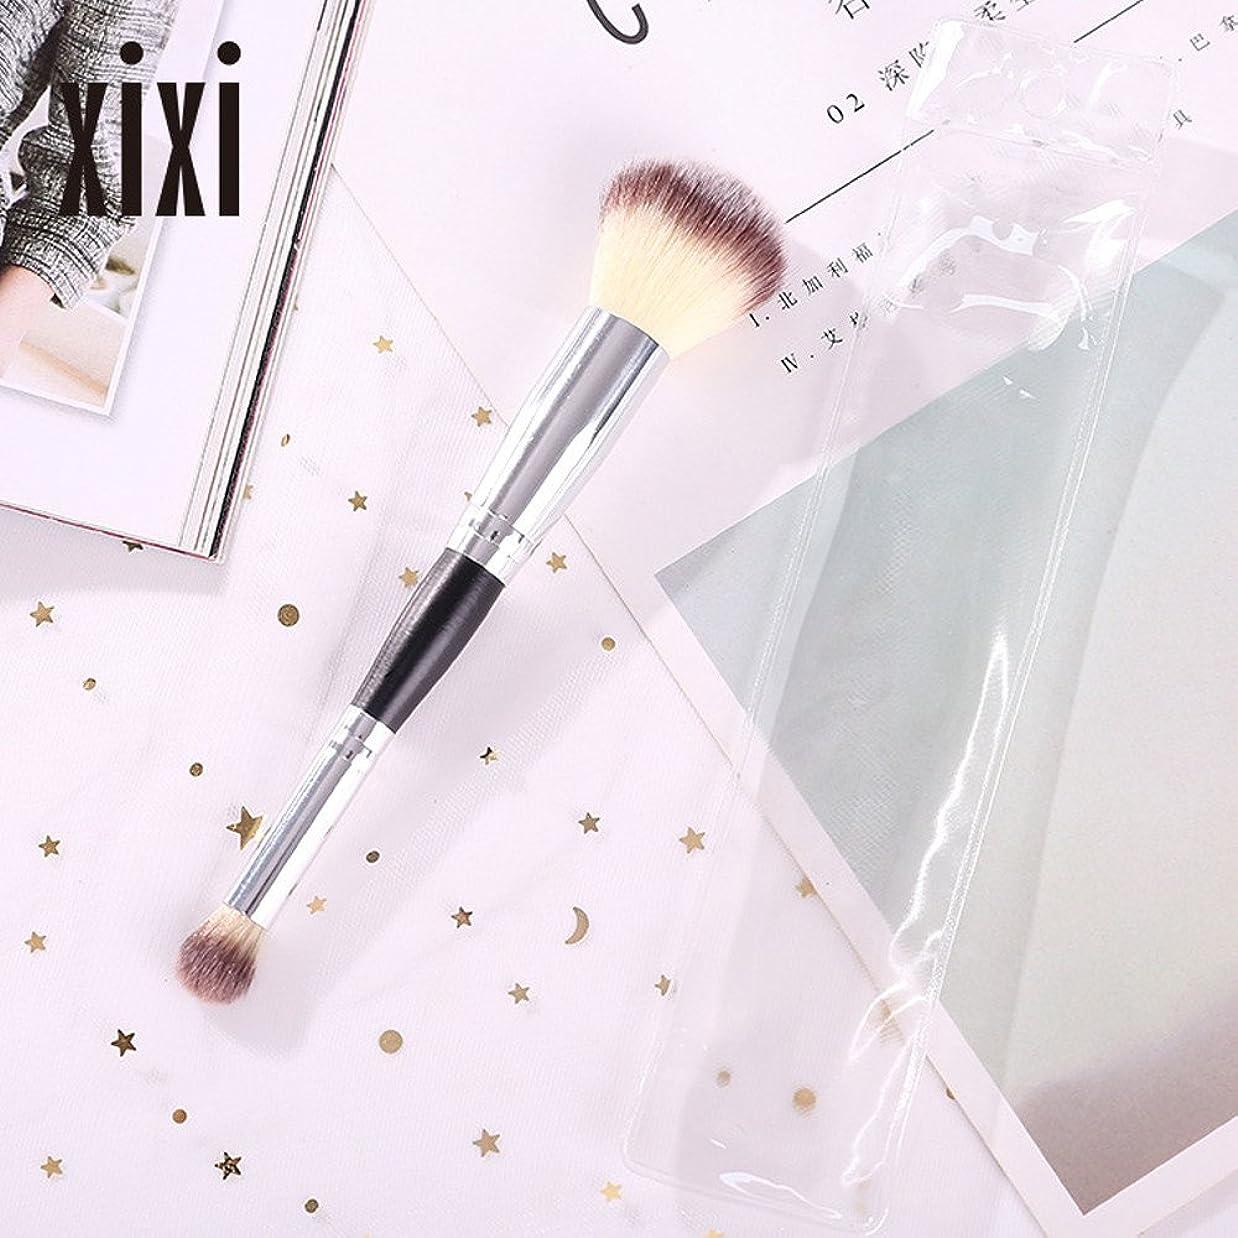 問題素晴らしき受取人Akane 1本 XIXI 超人気 高級 美感 魅力的 ダブルヘッド 上等 綺麗 多機能 おしゃれ たっぷり 柔らかい 激安 日常 仕事 Makeup Brush メイクアップブラシ X719